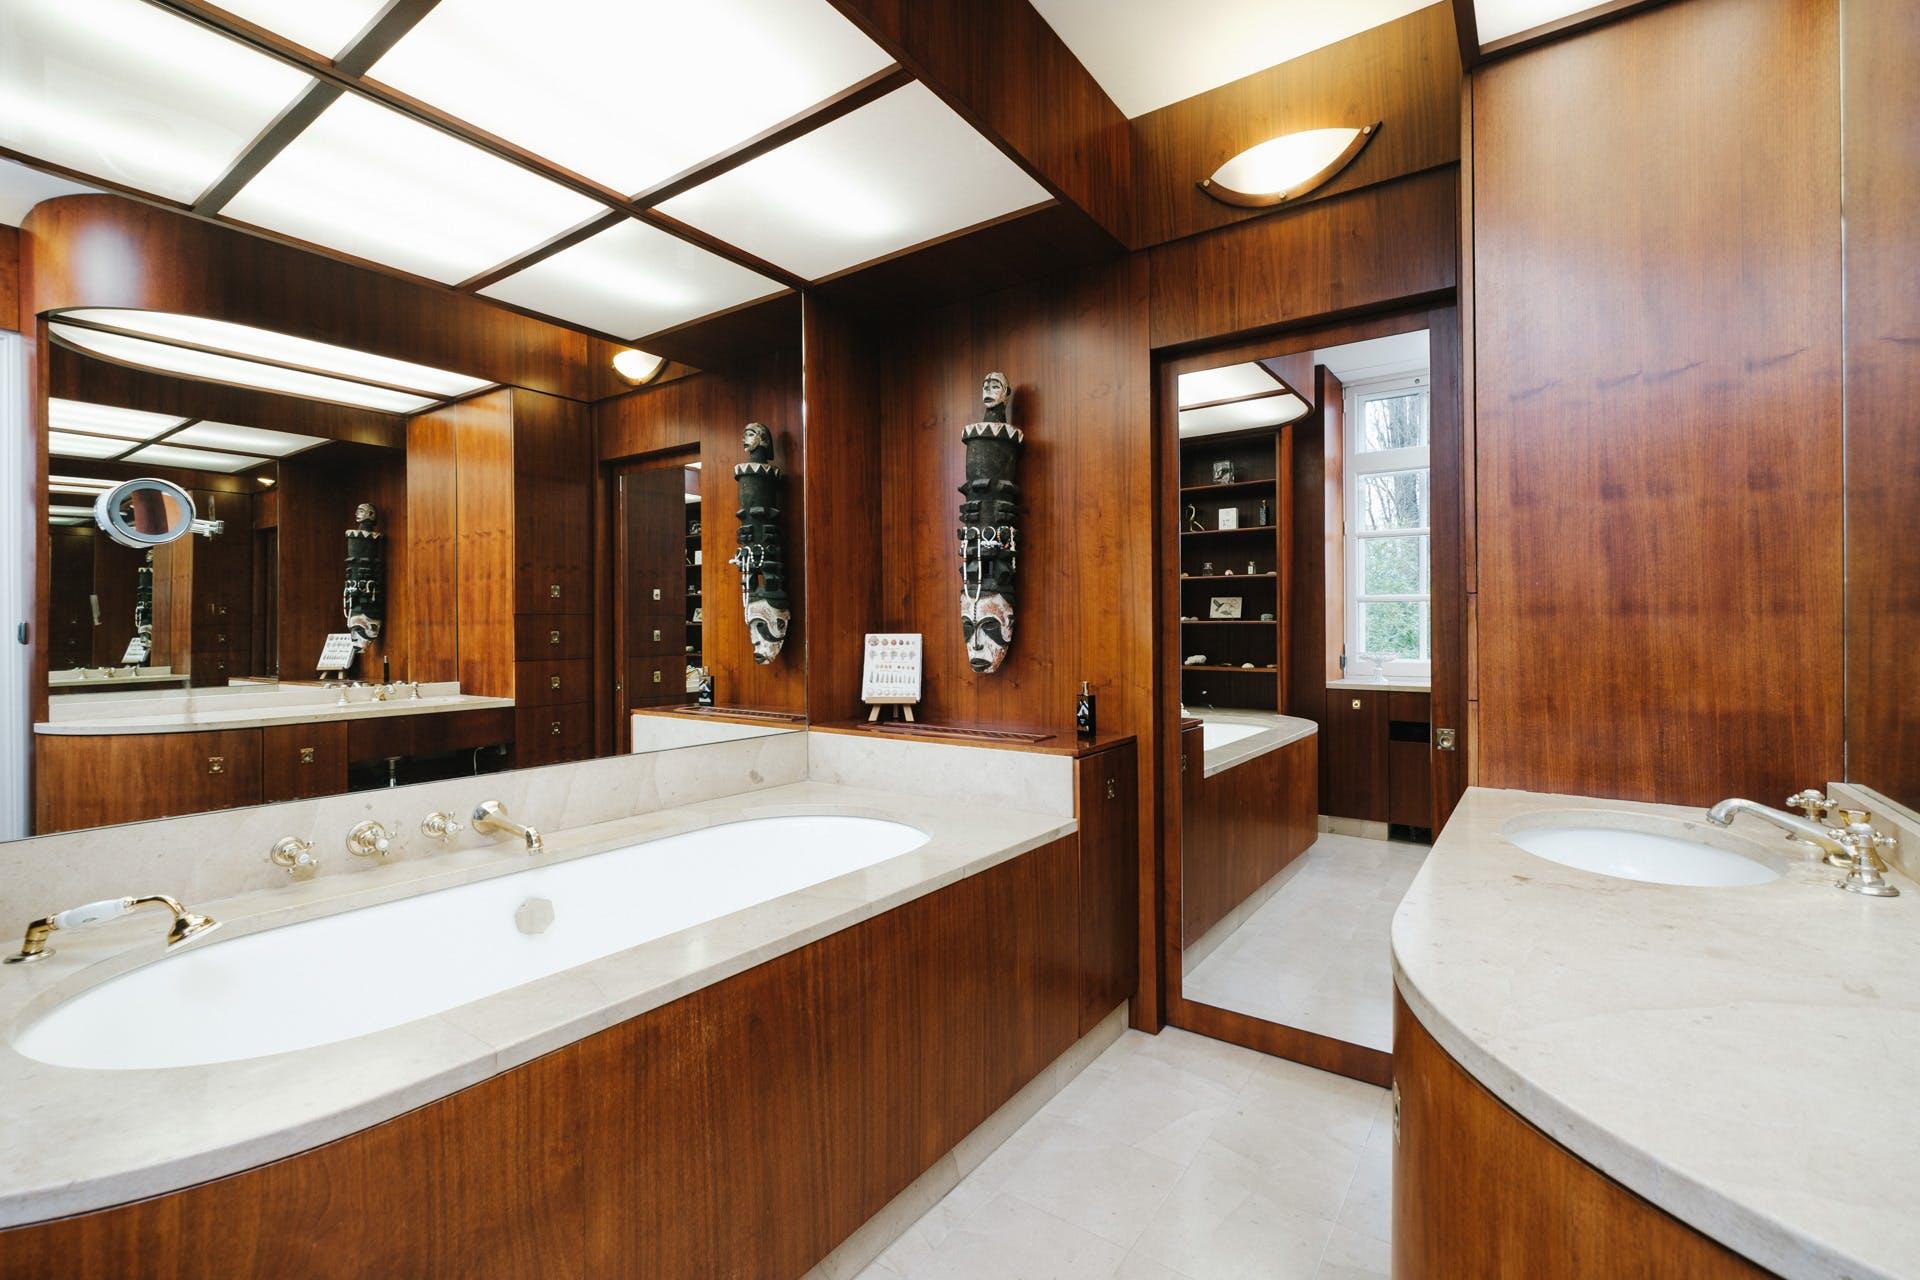 Photographie immobilière, photographie appartement, photographe salle bain